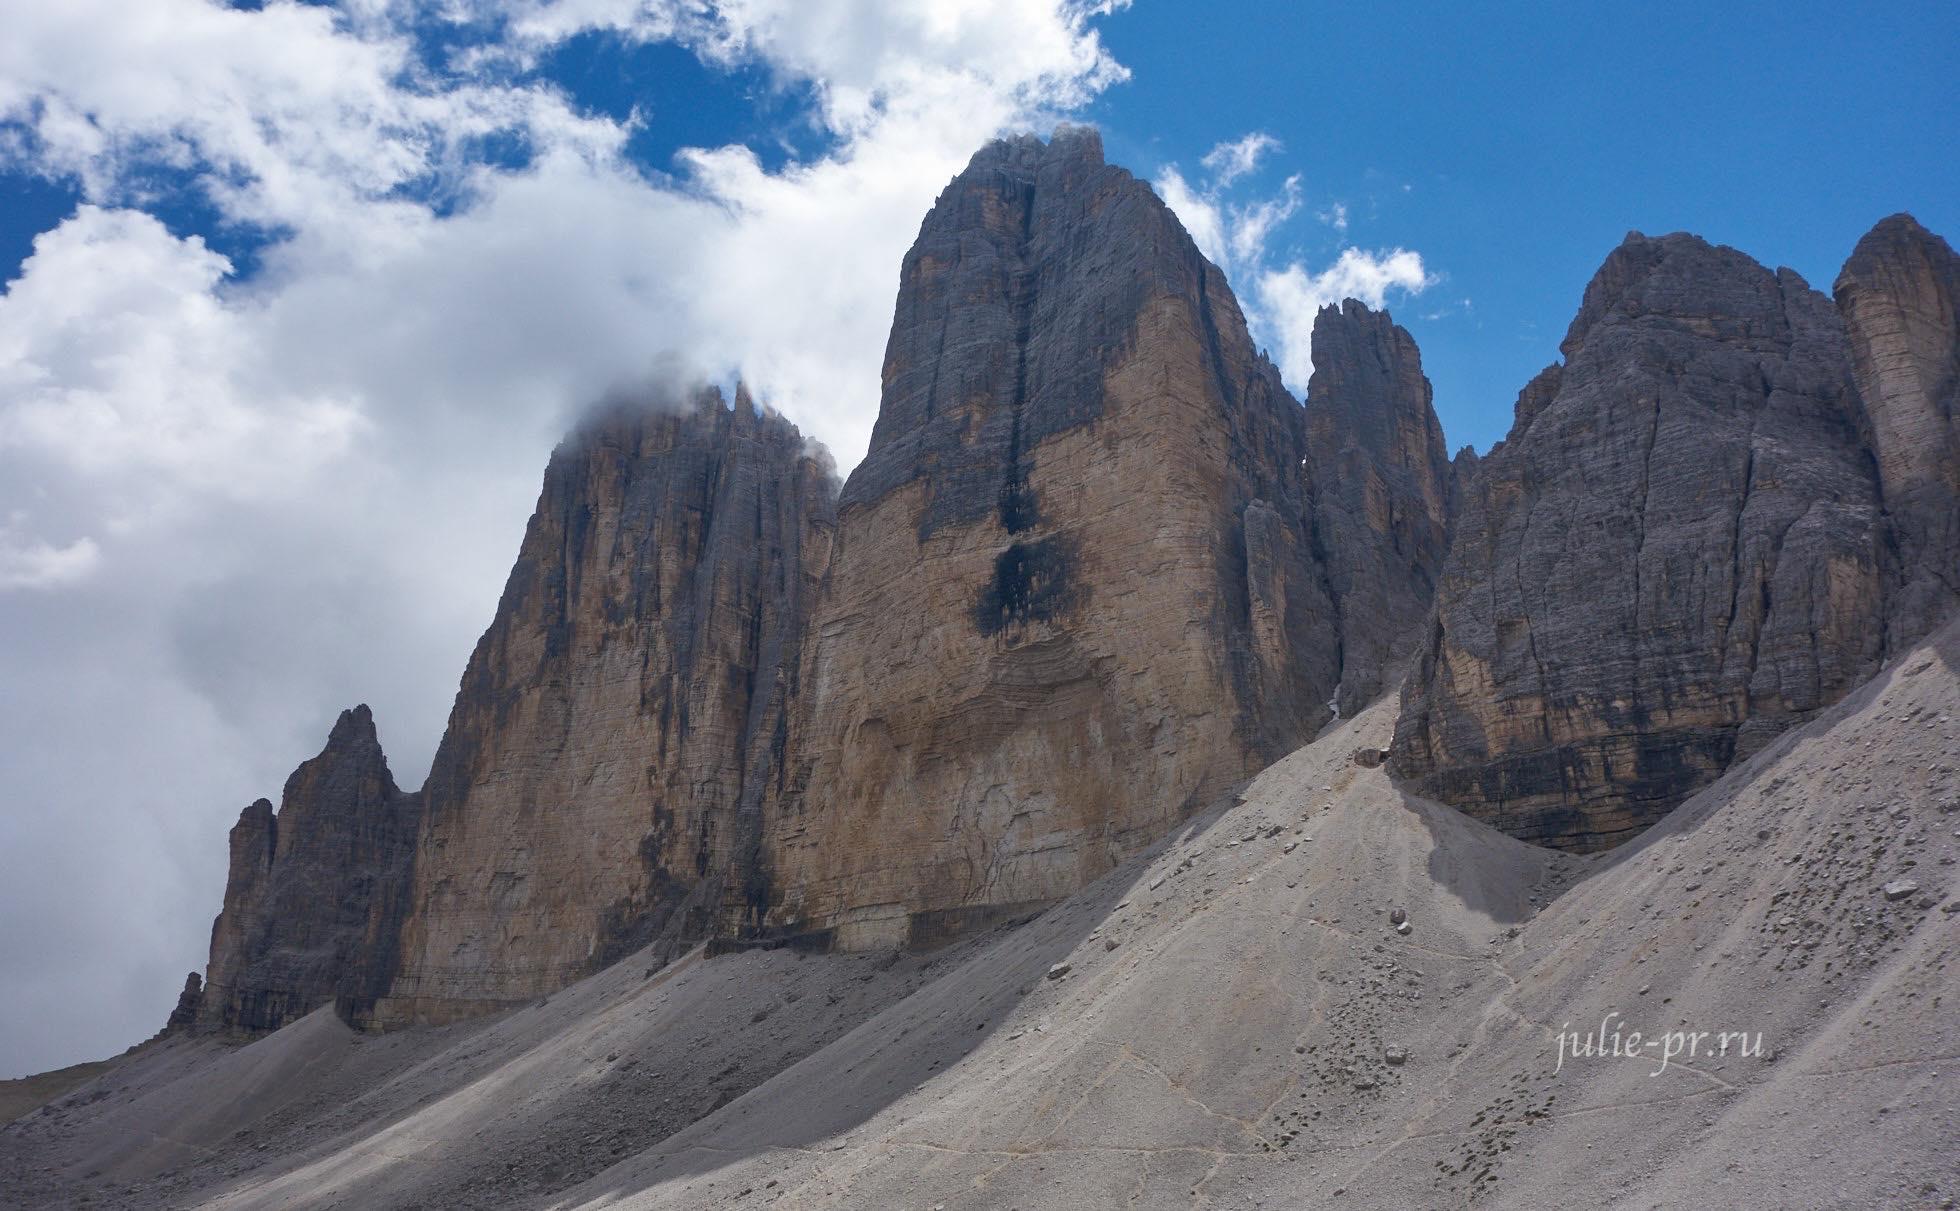 Италия, Альпы, Доломиты, Tre Cime di Lavaredo